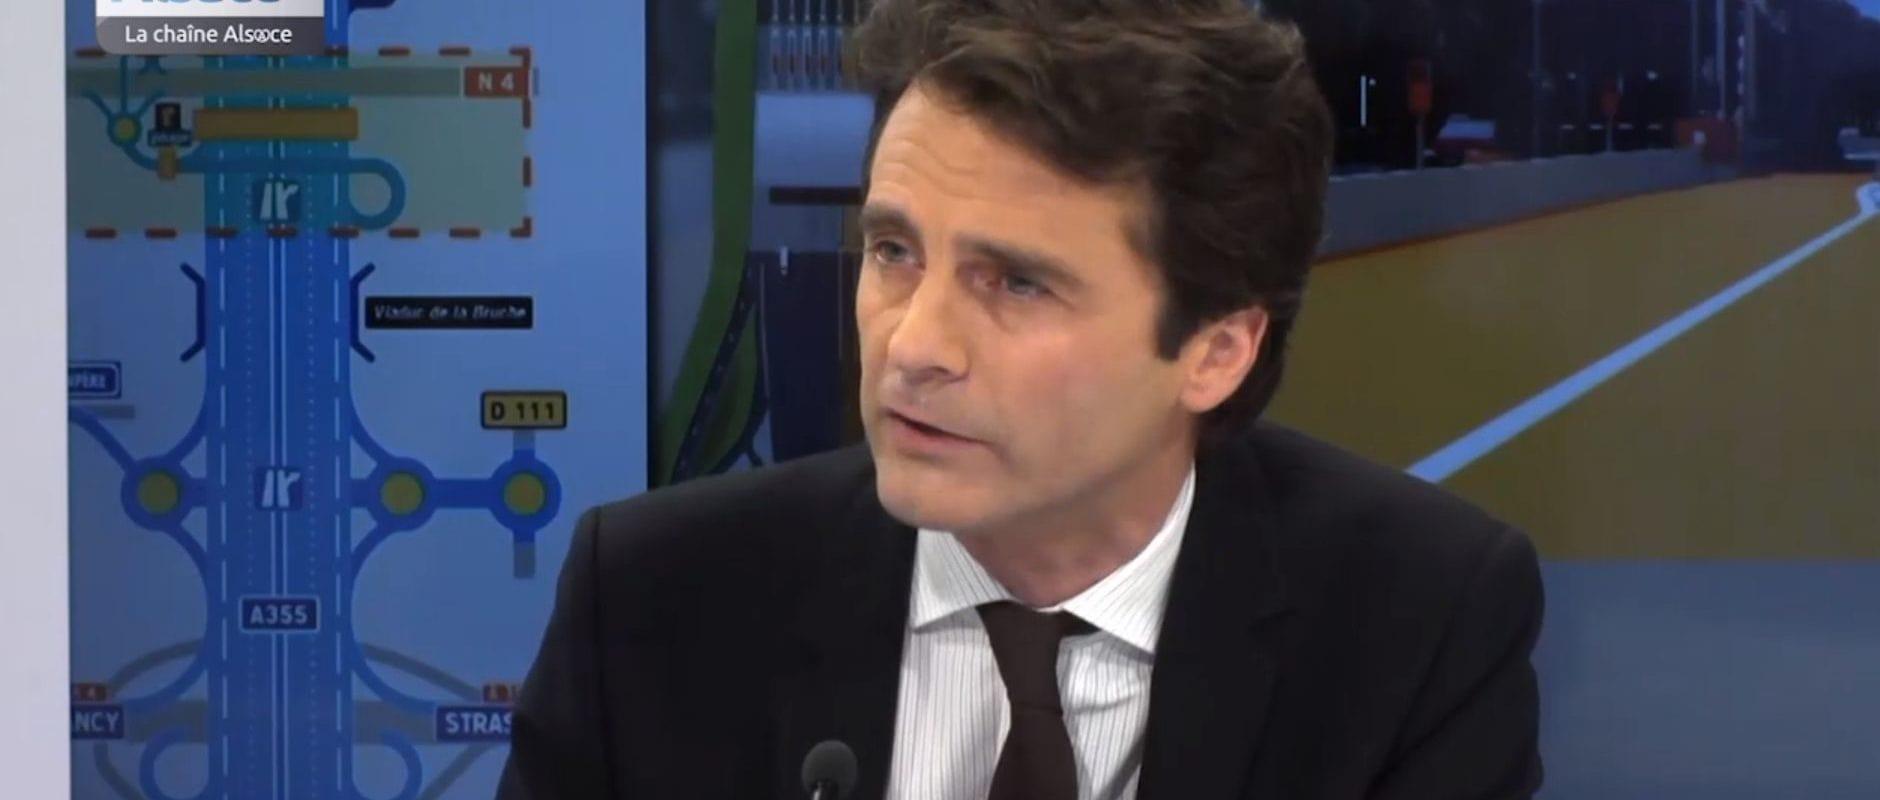 Malaise à la rédaction d'Alsace 20 suite à un partenariat avec Vinci sur le GCO